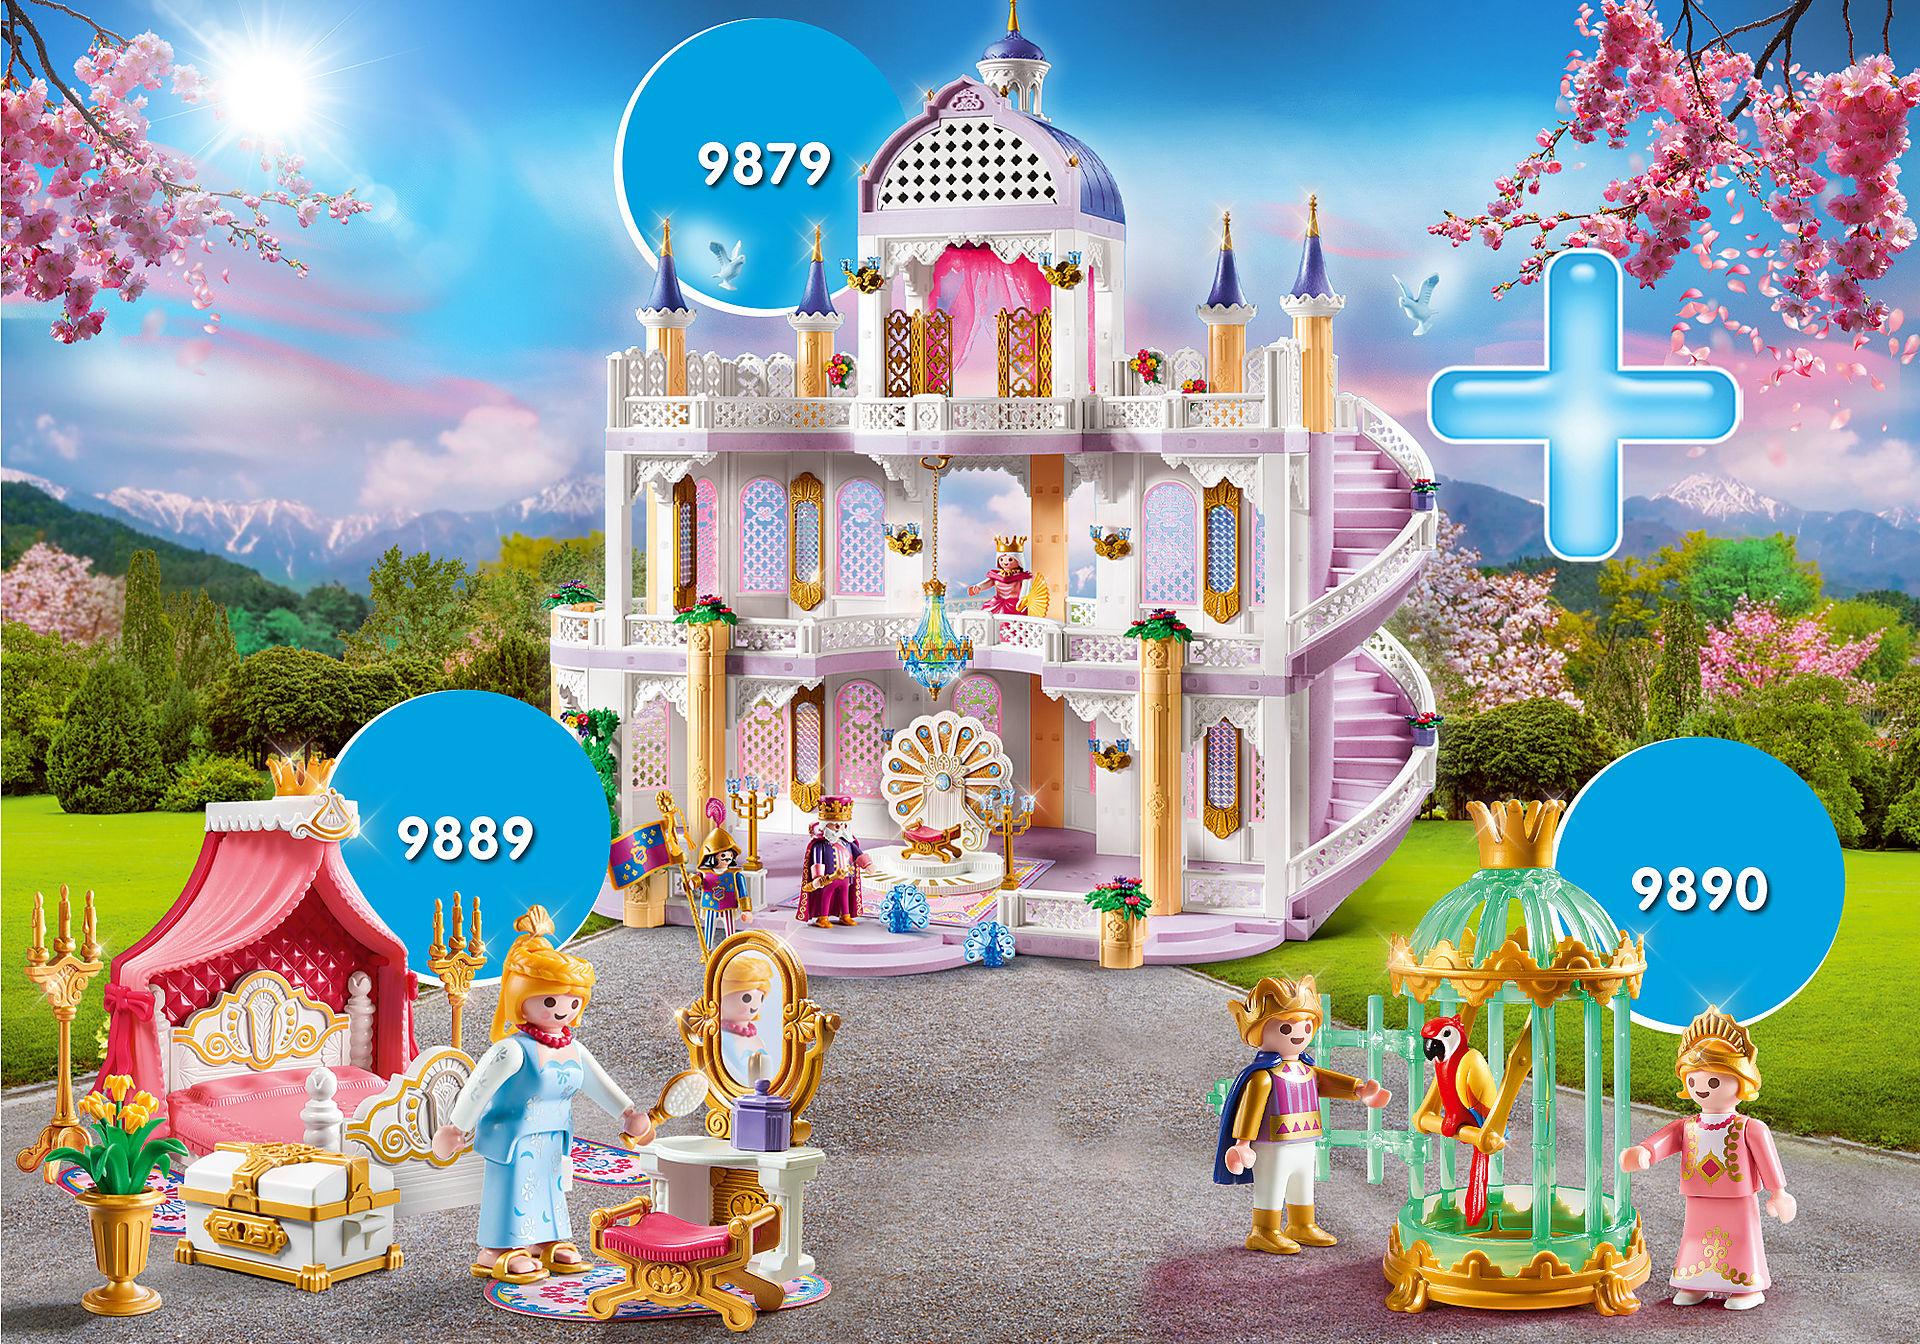 Pack Playmobil Maxiplaymo - Palais des merveilles (9879), Enfants royaux (9890), Chambre de princesse (9889)